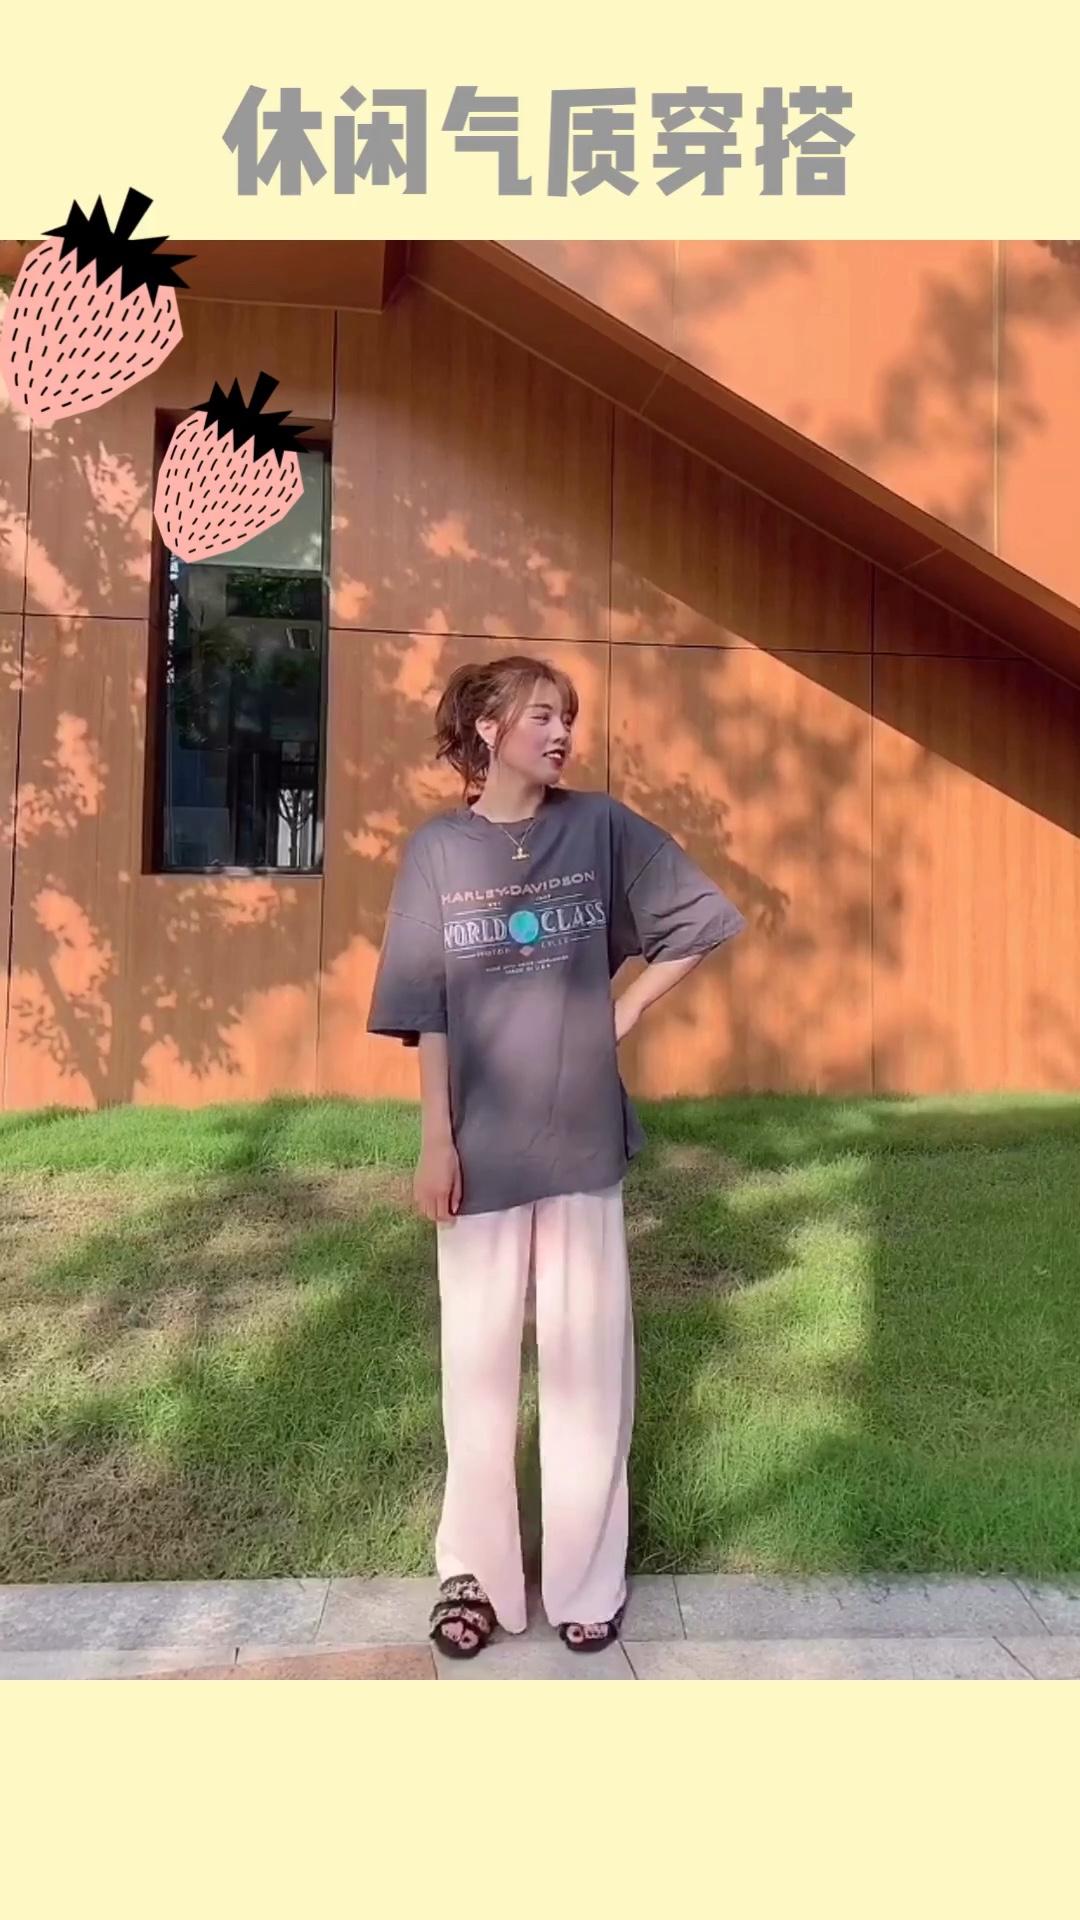 #不得不盘的网红王牌套装# 超级有质感的炭灰色T,美式复古街头的印花图案,宽松的版型特别随性,搭配这条浅粉色神裤,真的很特别啊!!